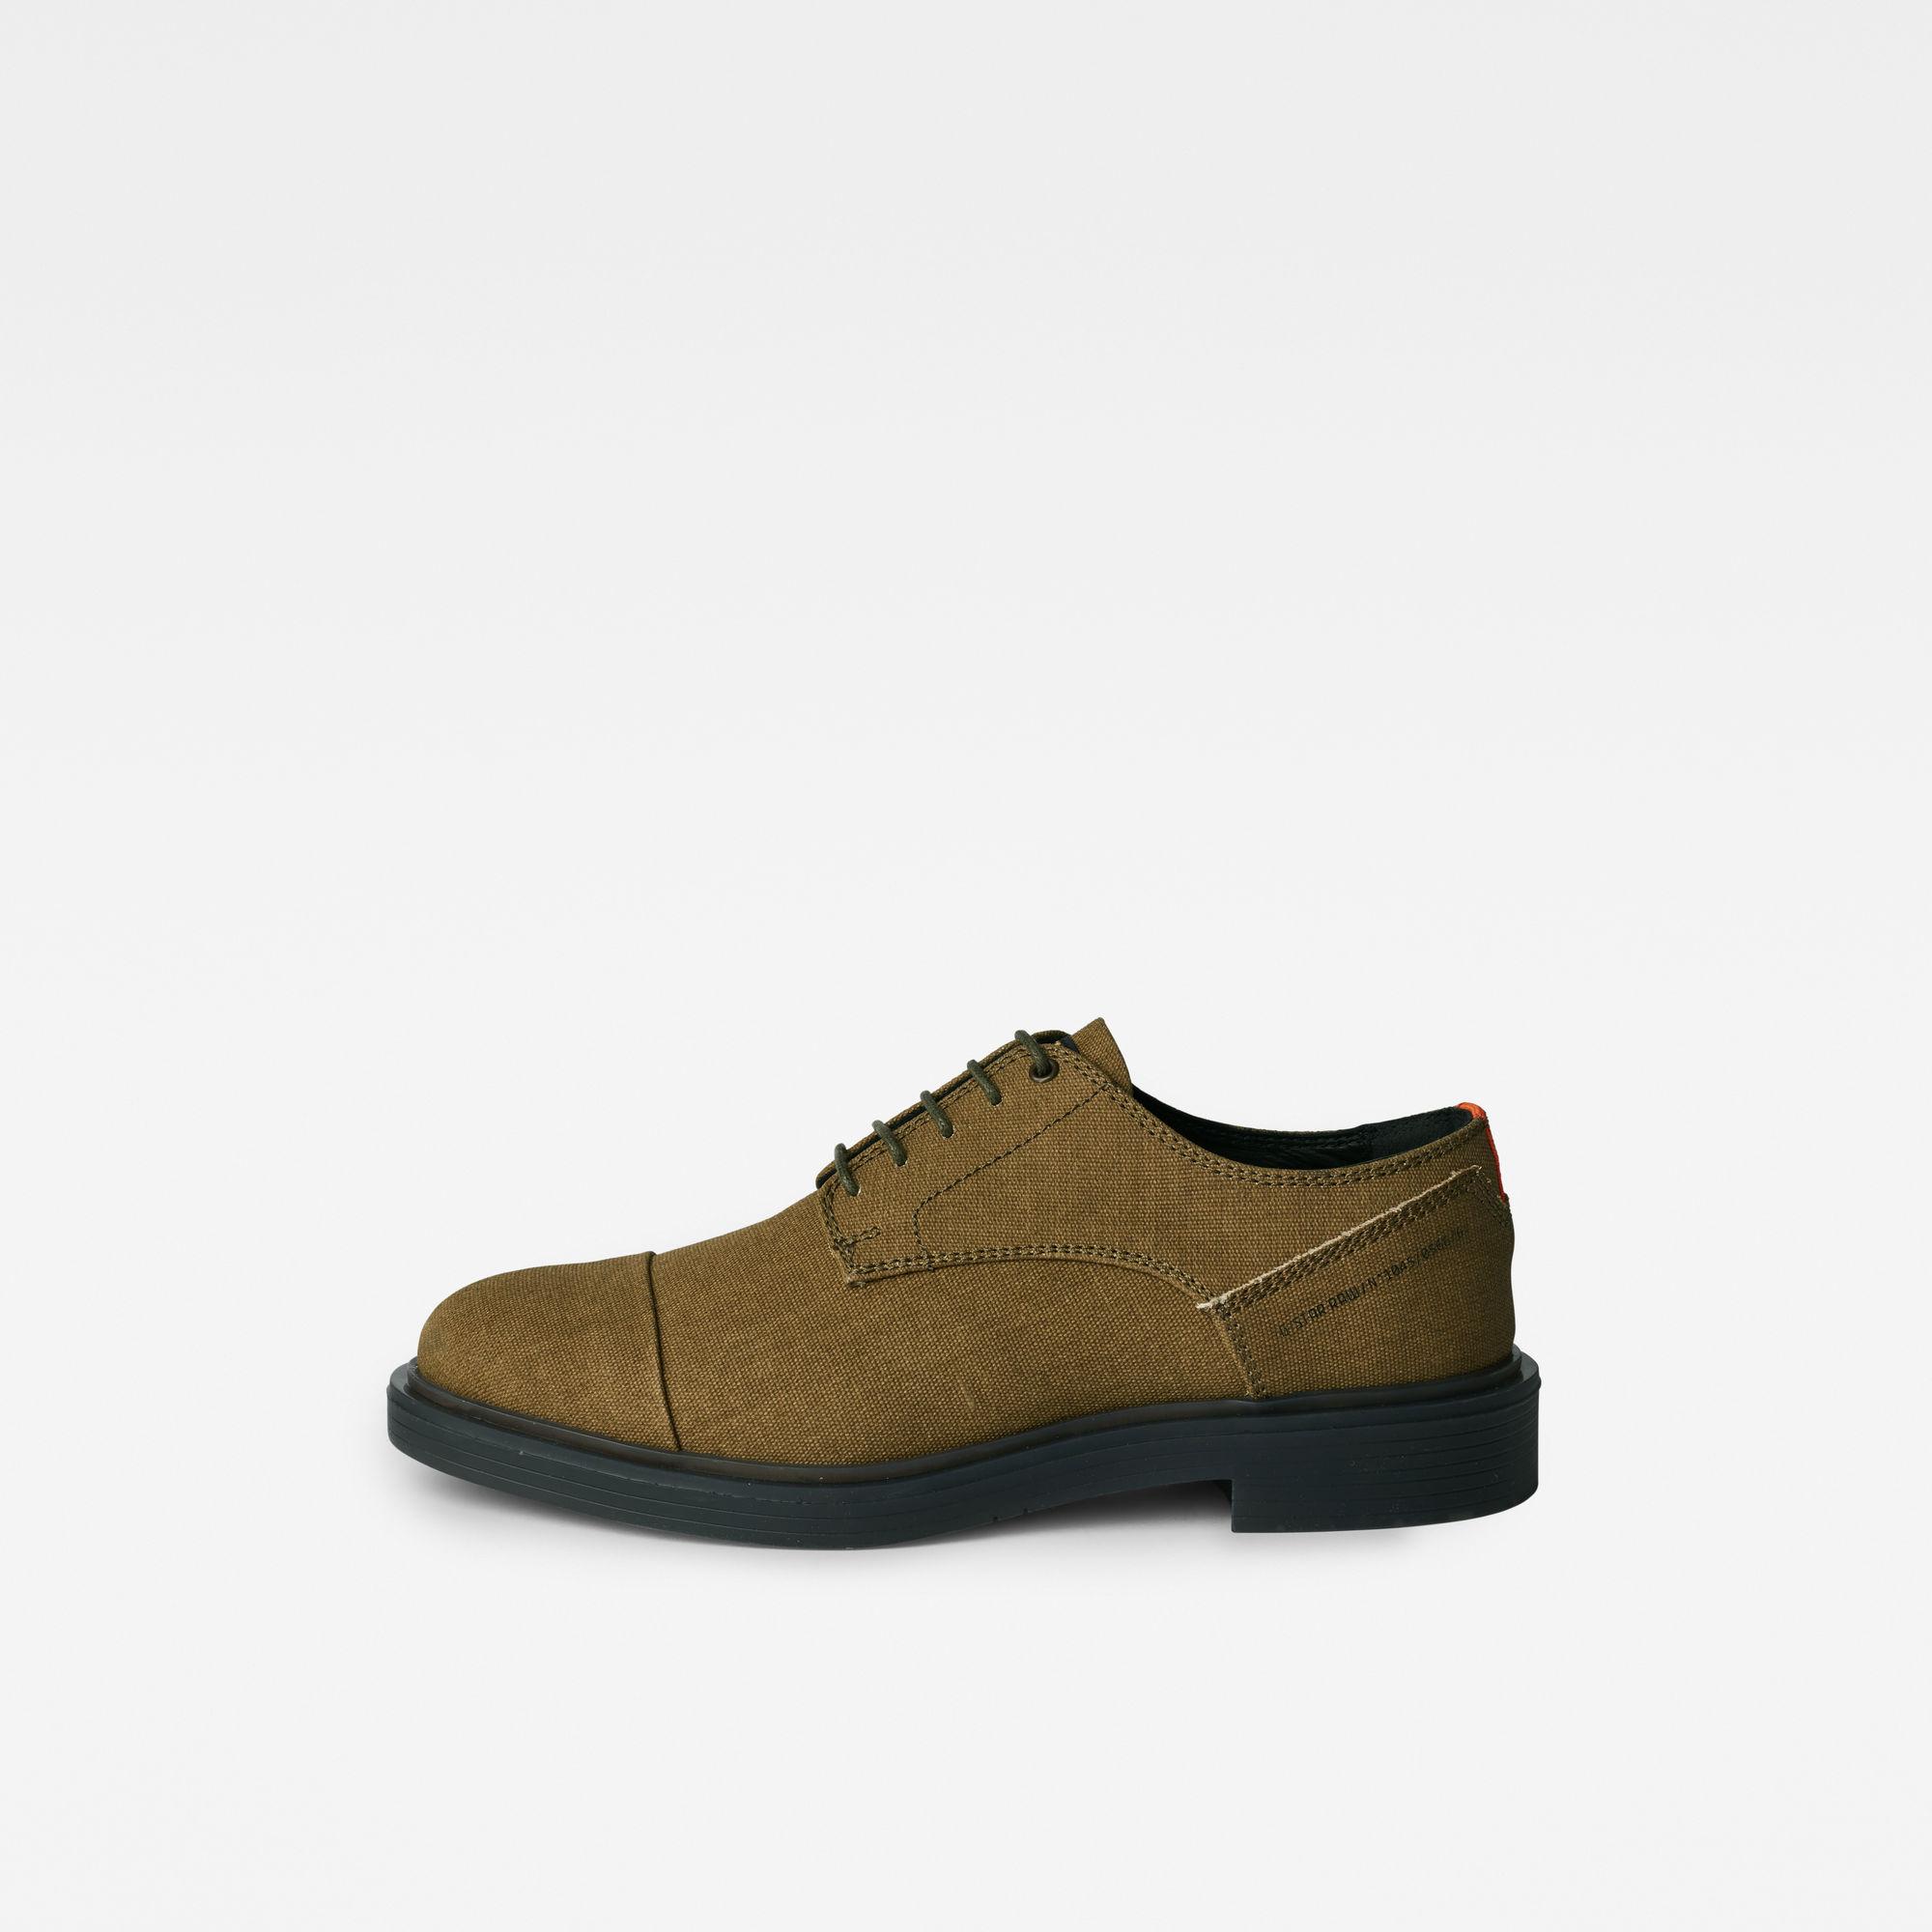 G-Star RAW Heren Vacum Derby Shoes Groen